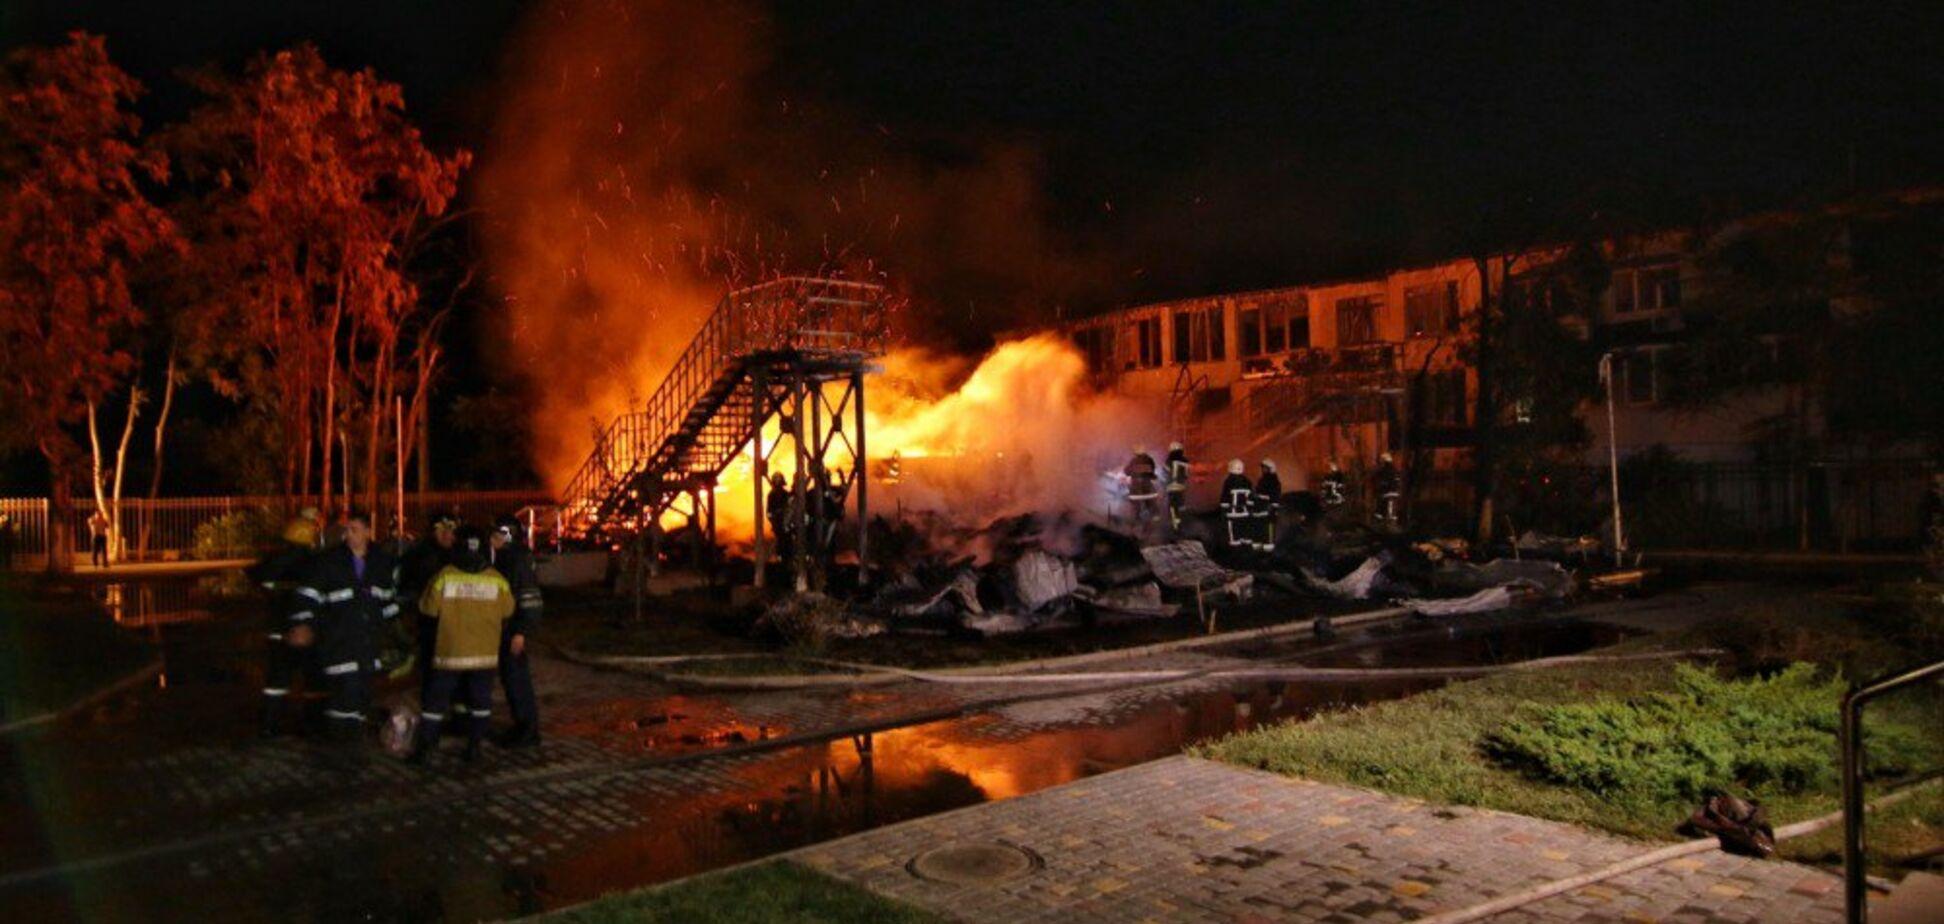 Официально: стала известна причина пожара в одесском лагере 'Виктория'